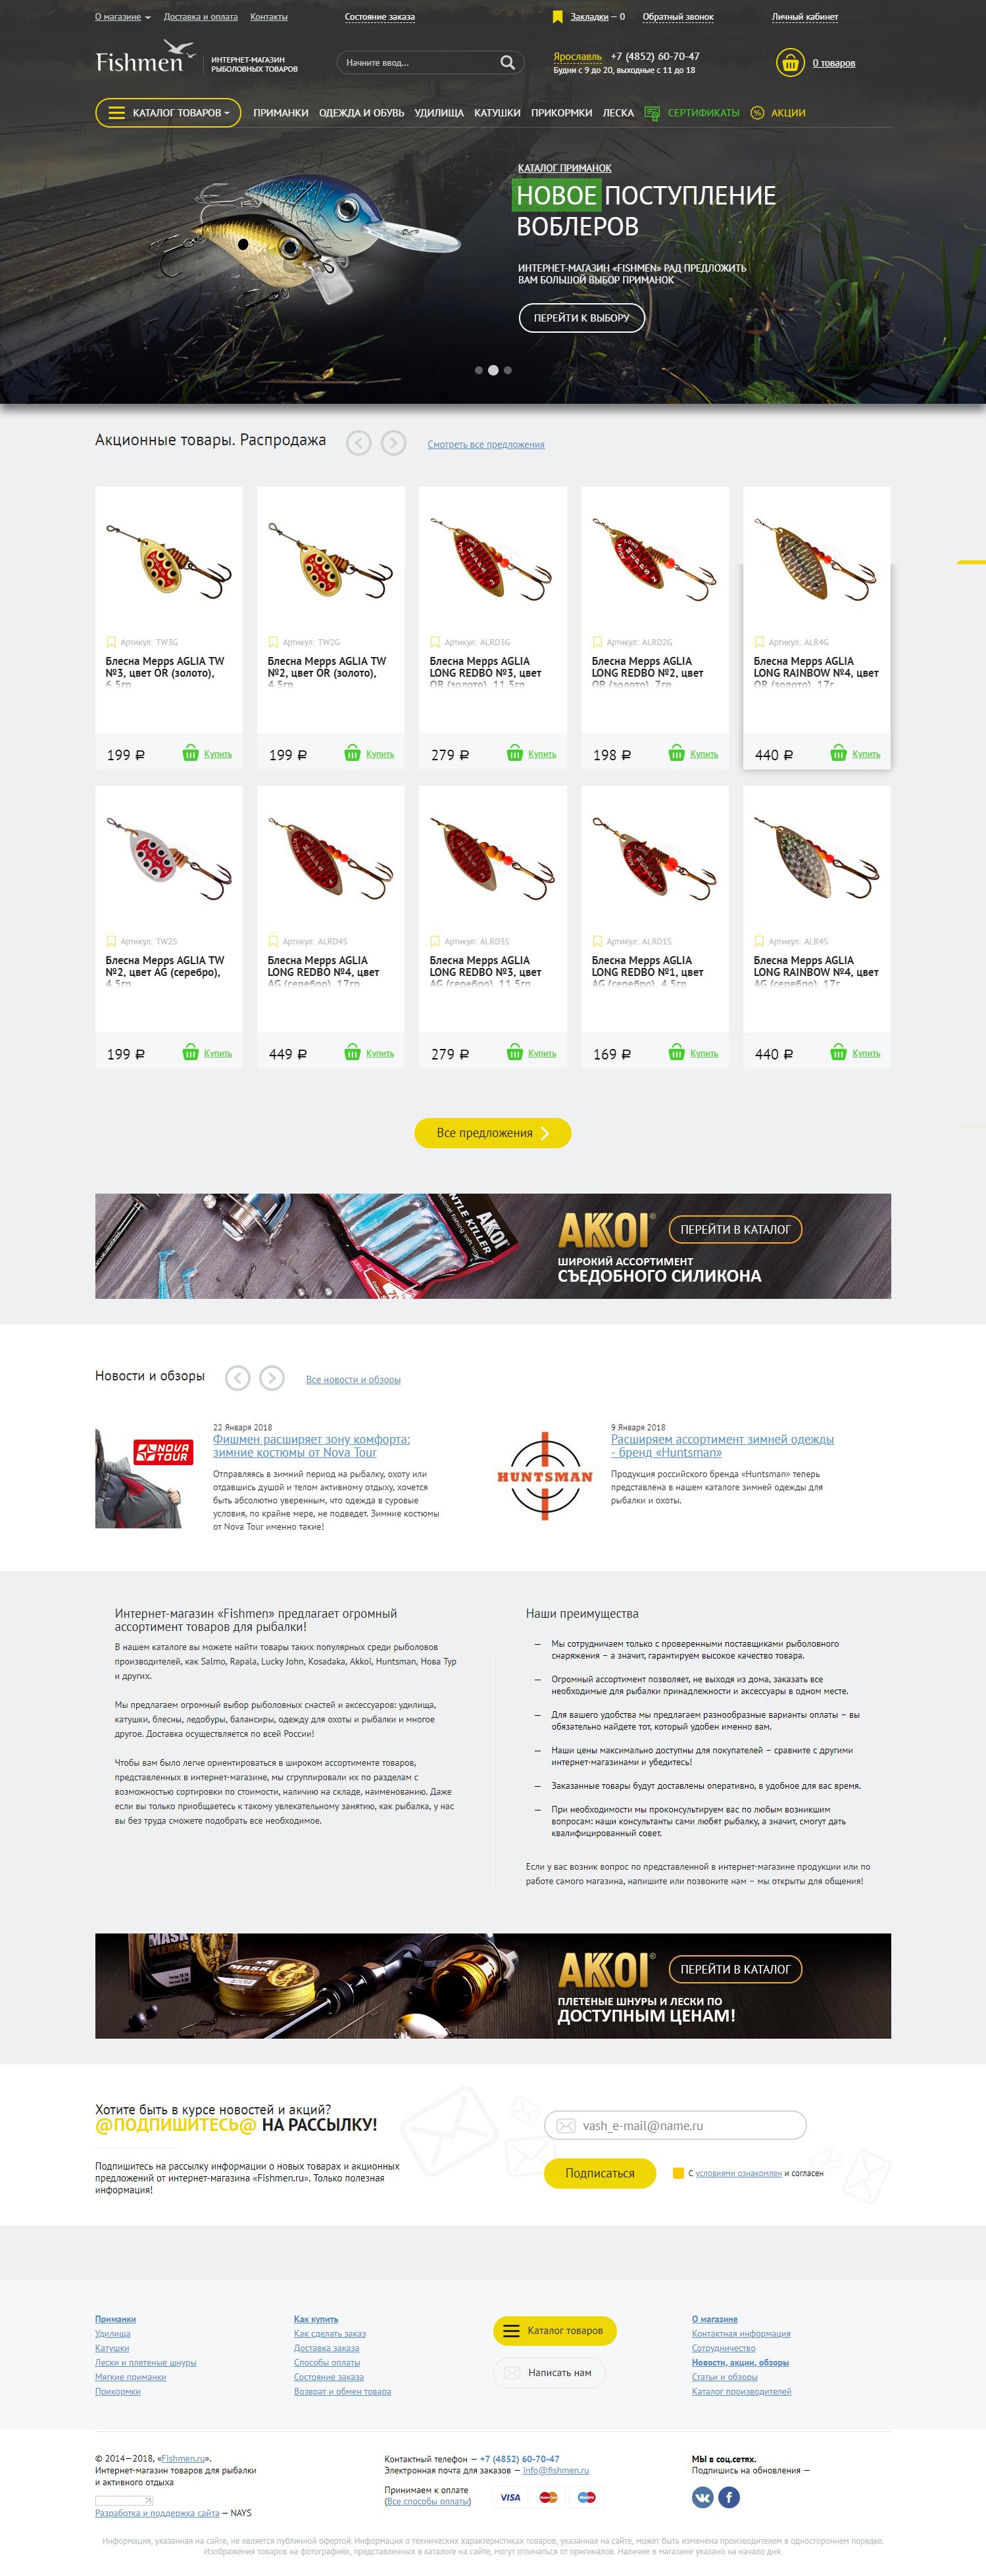 Fishman - верстка интернет магазина рыболовных товаров